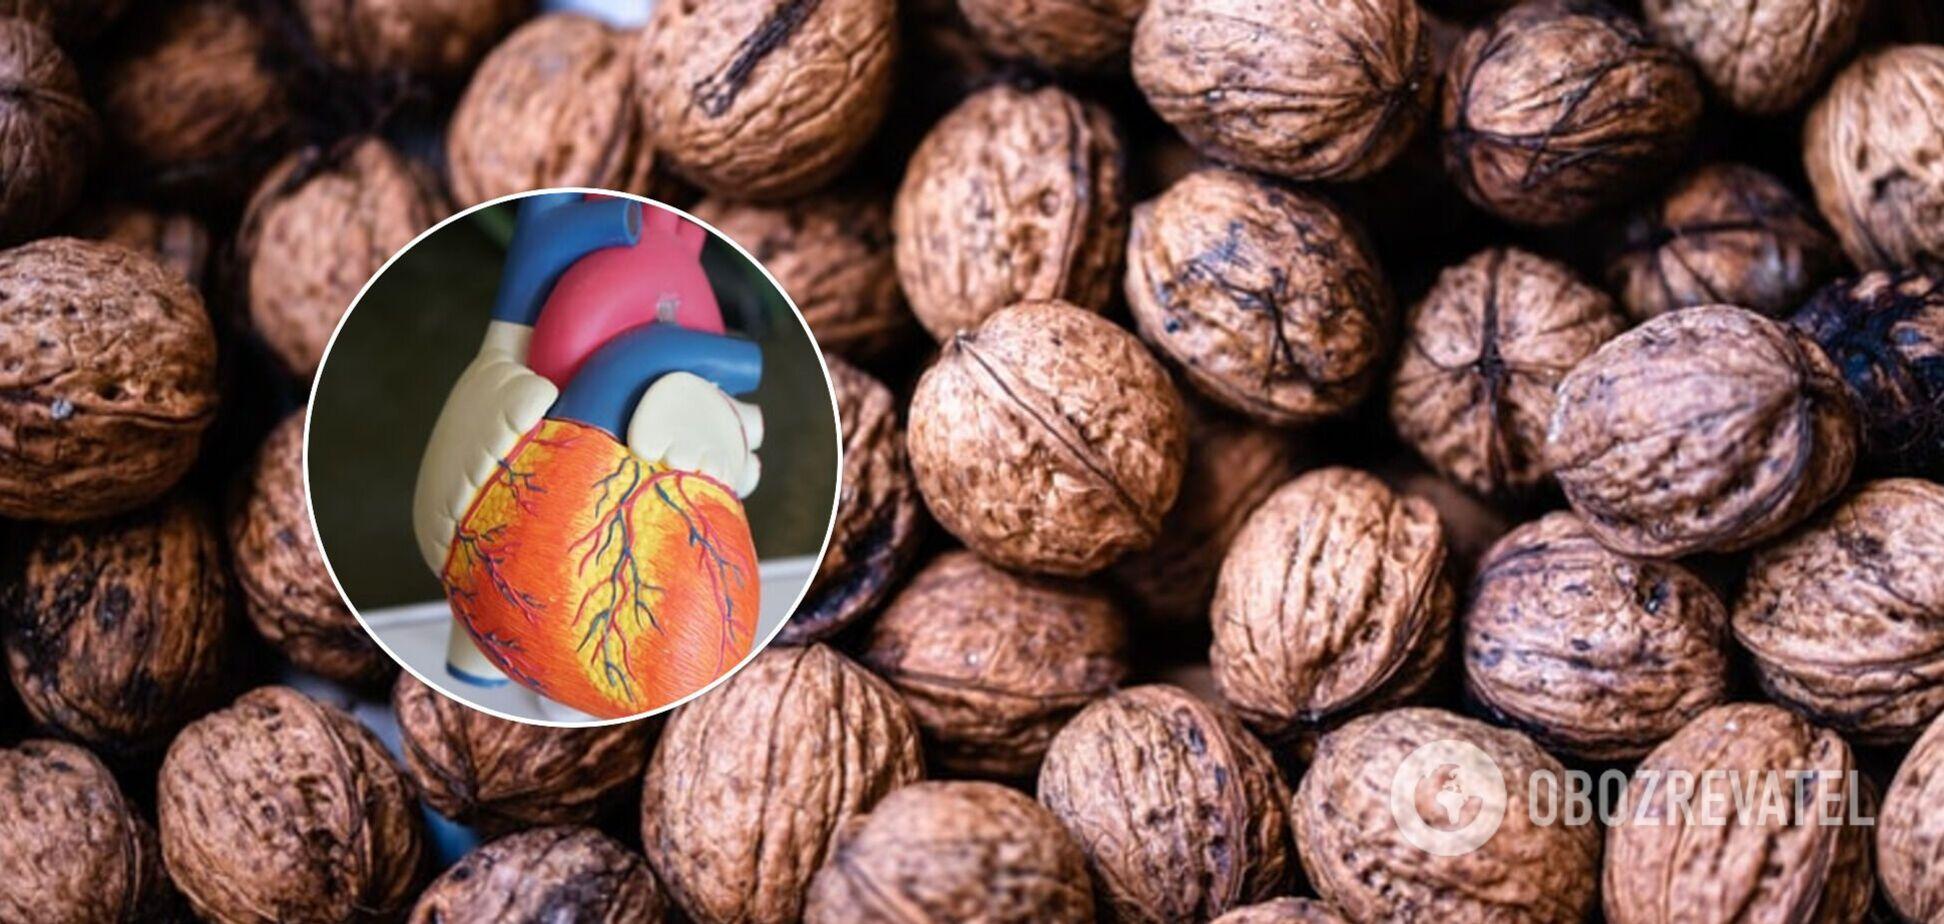 Горіхи можуть знизити рівень холестерину та ризик серцево-судинних захворювань: результати дослідження